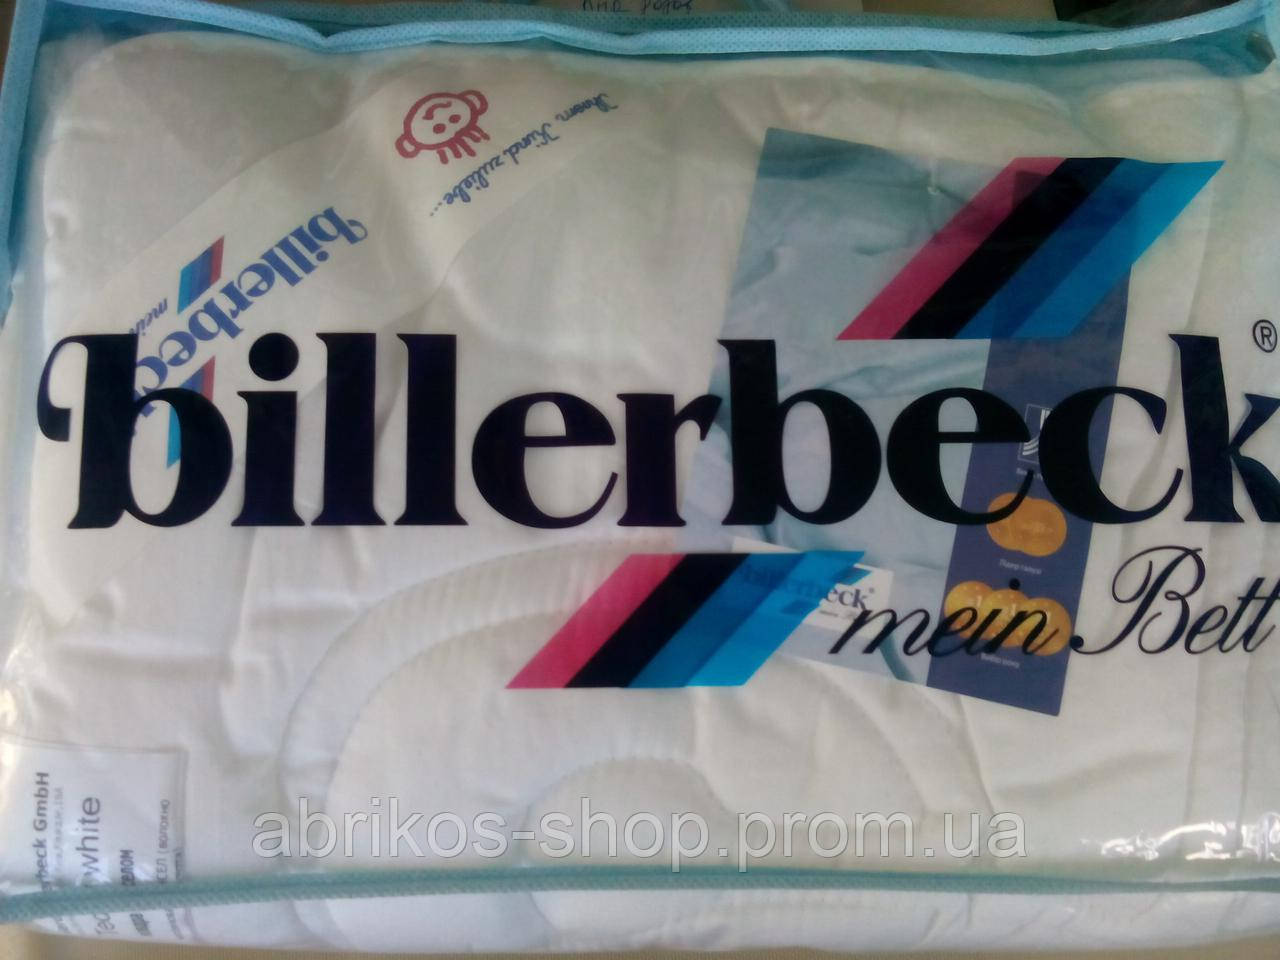 Детское, гипоаллергенное   одеяло - Teddy  ( Billerbeck )